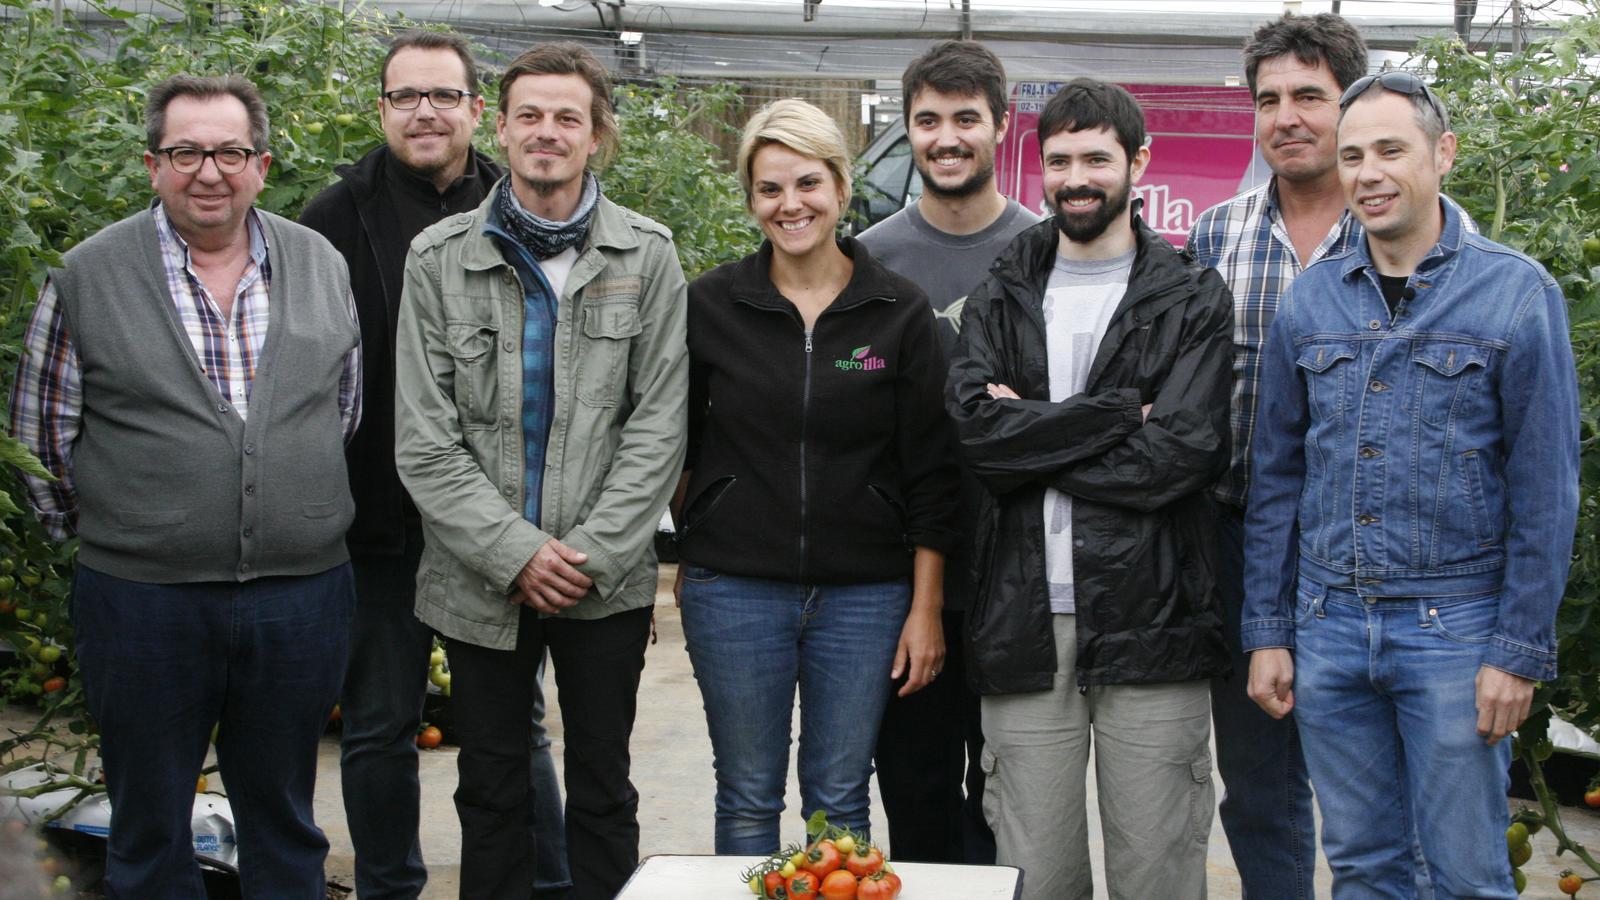 Representants d'Agroïlla i de la UIB, durant la presentació de les varietats seleccionades per avançar en l'estudi.